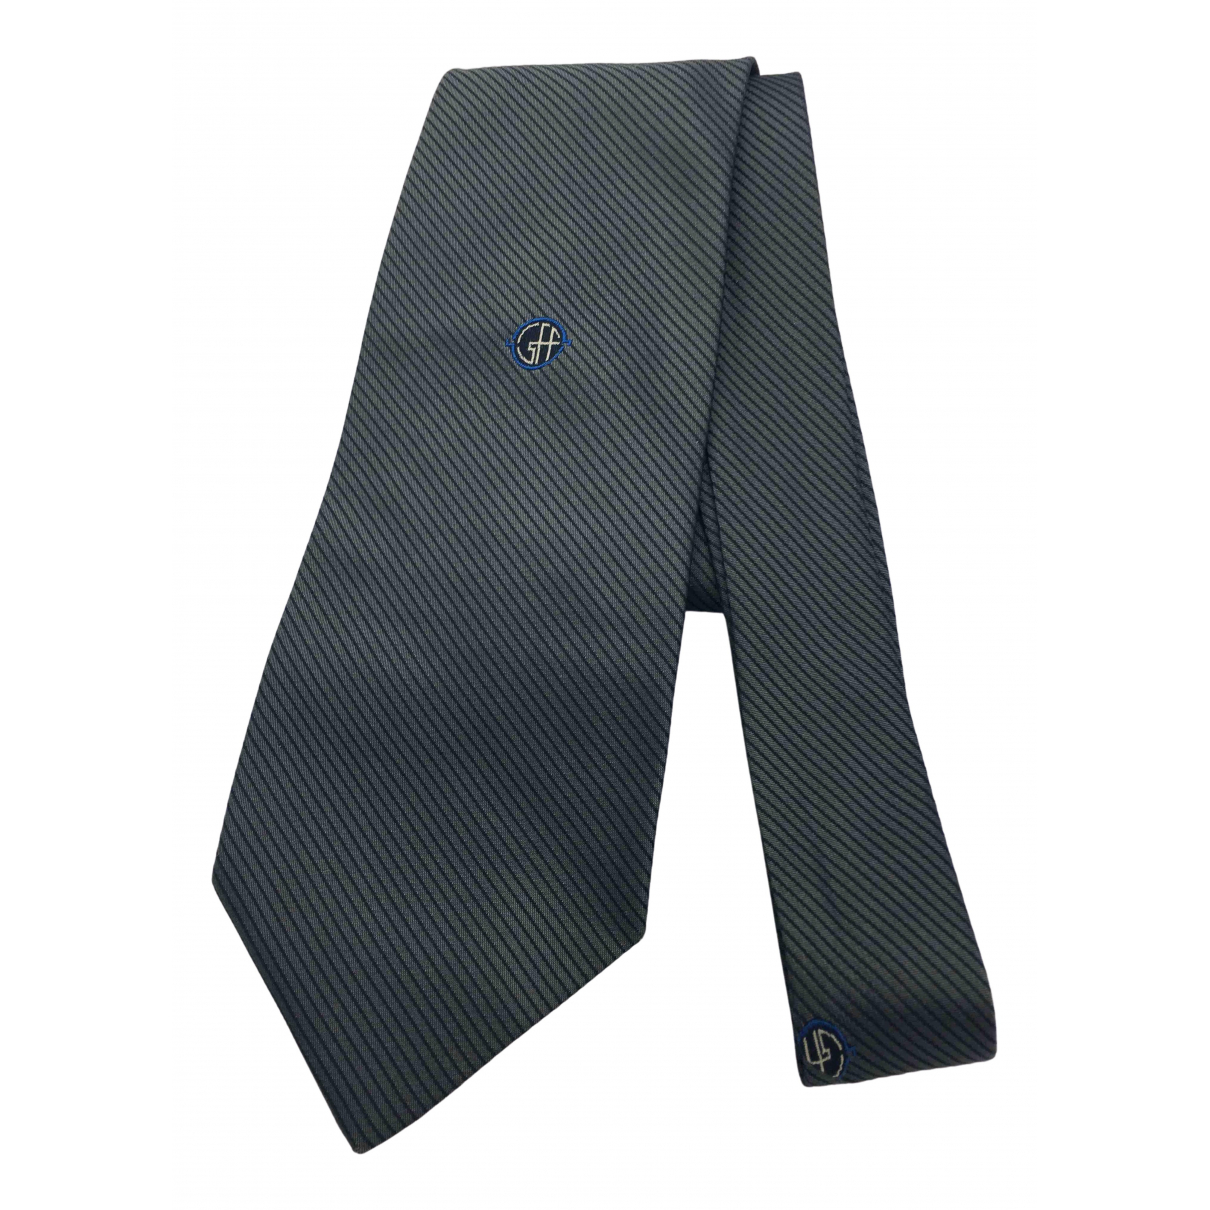 Gianfranco Ferre - Cravates   pour homme en soie - anthracite